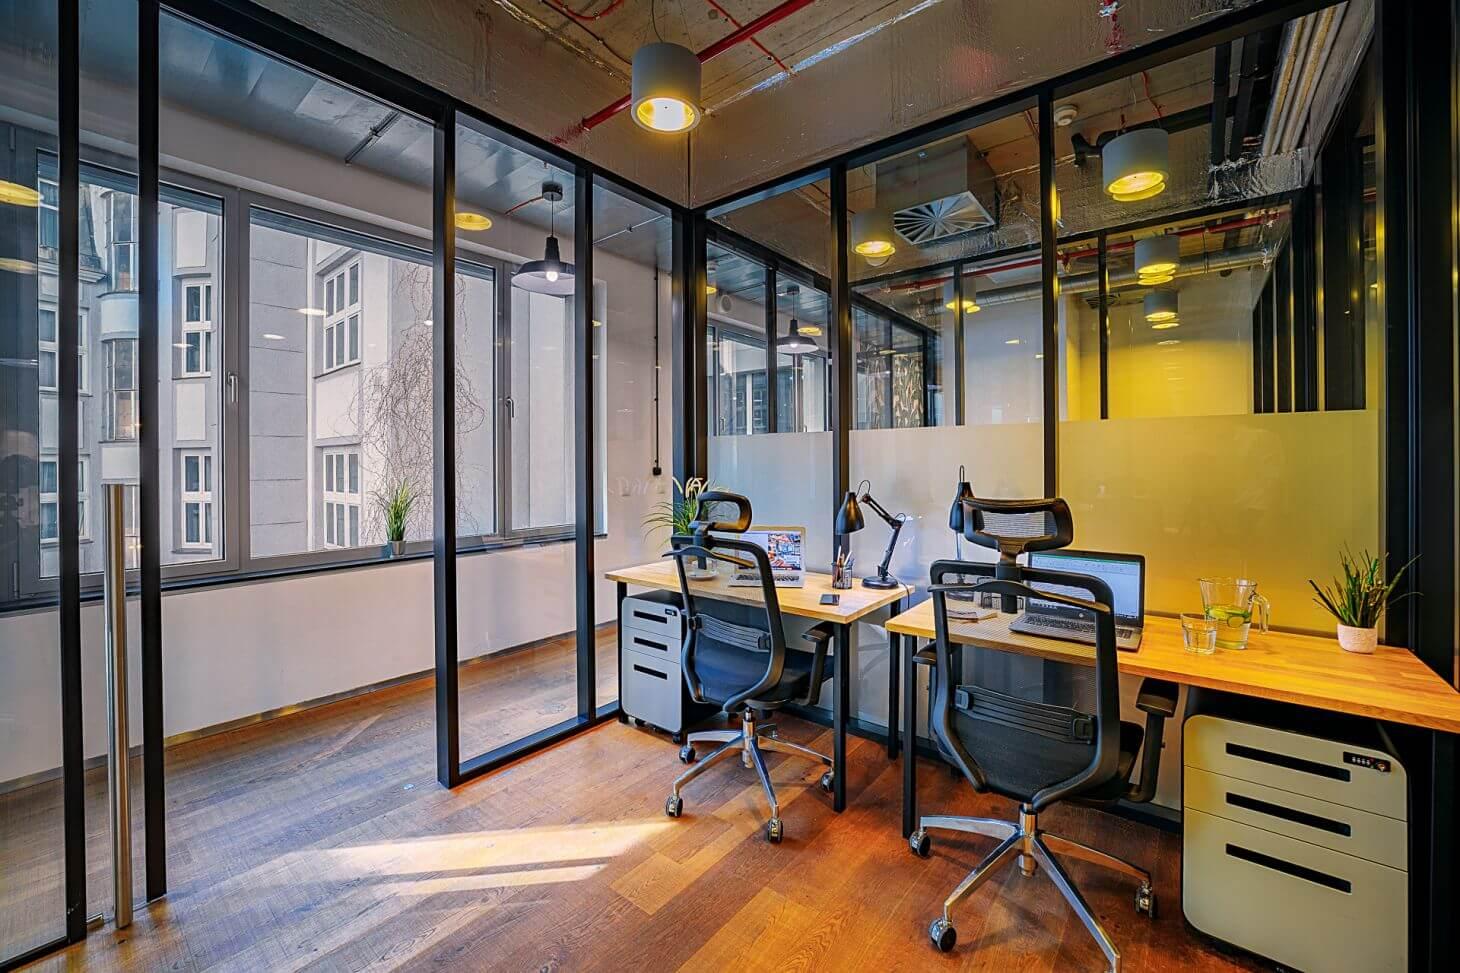 WorkLounge | Soukromé kanceláře a coworking v Praze